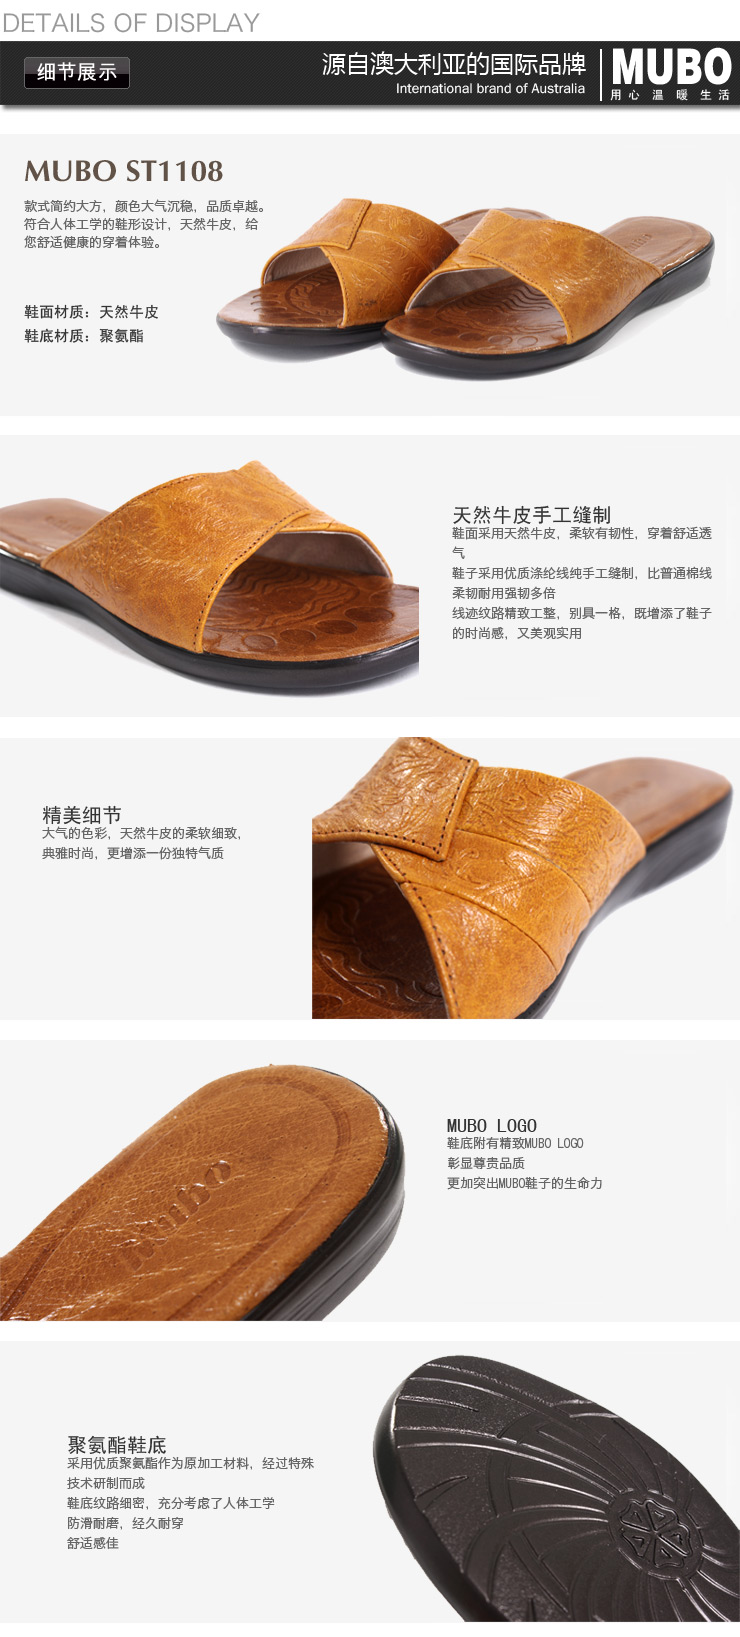 牧宝夏季清凉舒适女士水牛皮凉鞋拖鞋特价款st